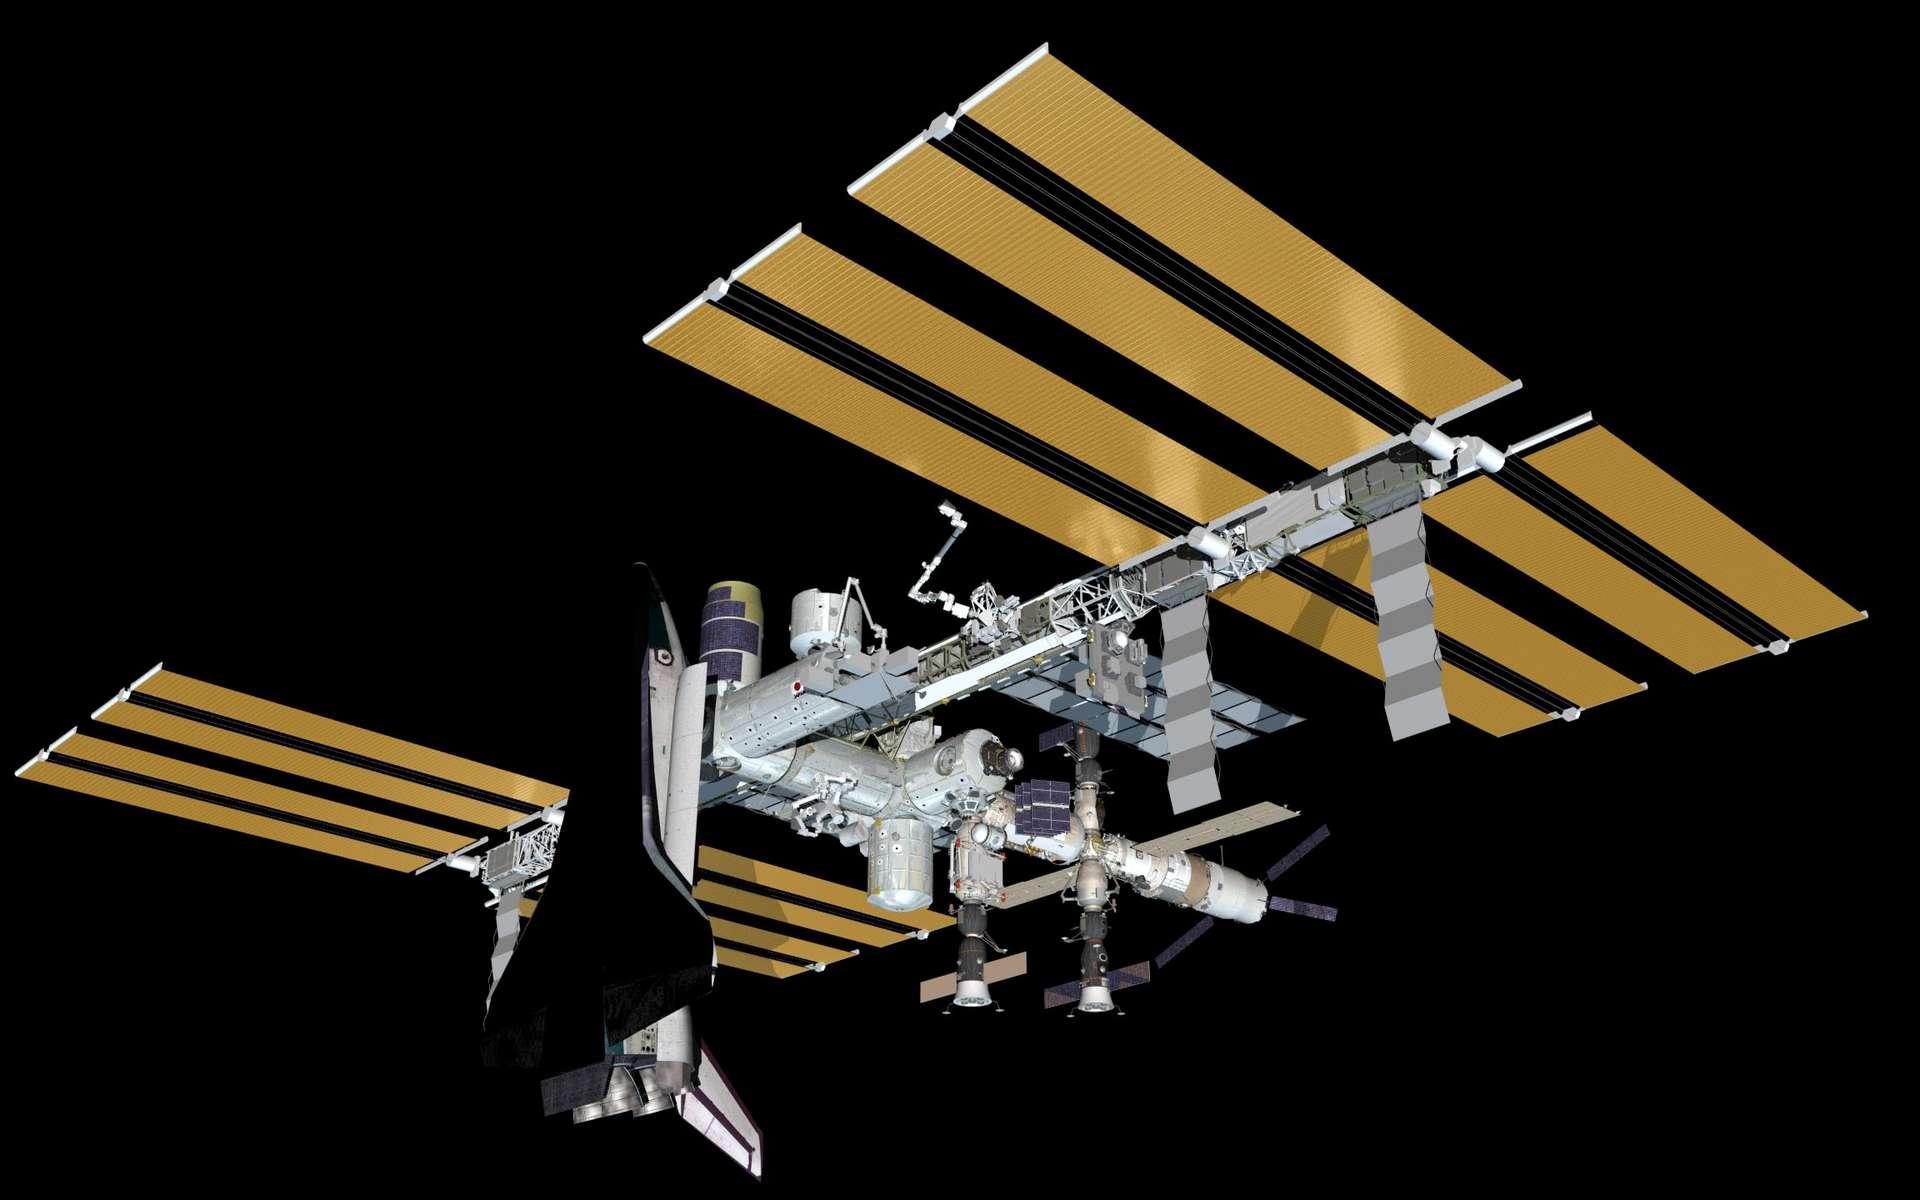 La Nasa veut réaliser une photo de famille sur laquelle seront réunis tous les moyens d'accès à l'ISS. L'image sera symbolique : elle marquera la fin d'une étape d'un programme emblématique à tous les niveaux. Techniquement, c'est un exemple unique d'une fructueuse coopération internationale qui a permis le rapprochement de méthodes de travail et de normes très différentes. © Nasa